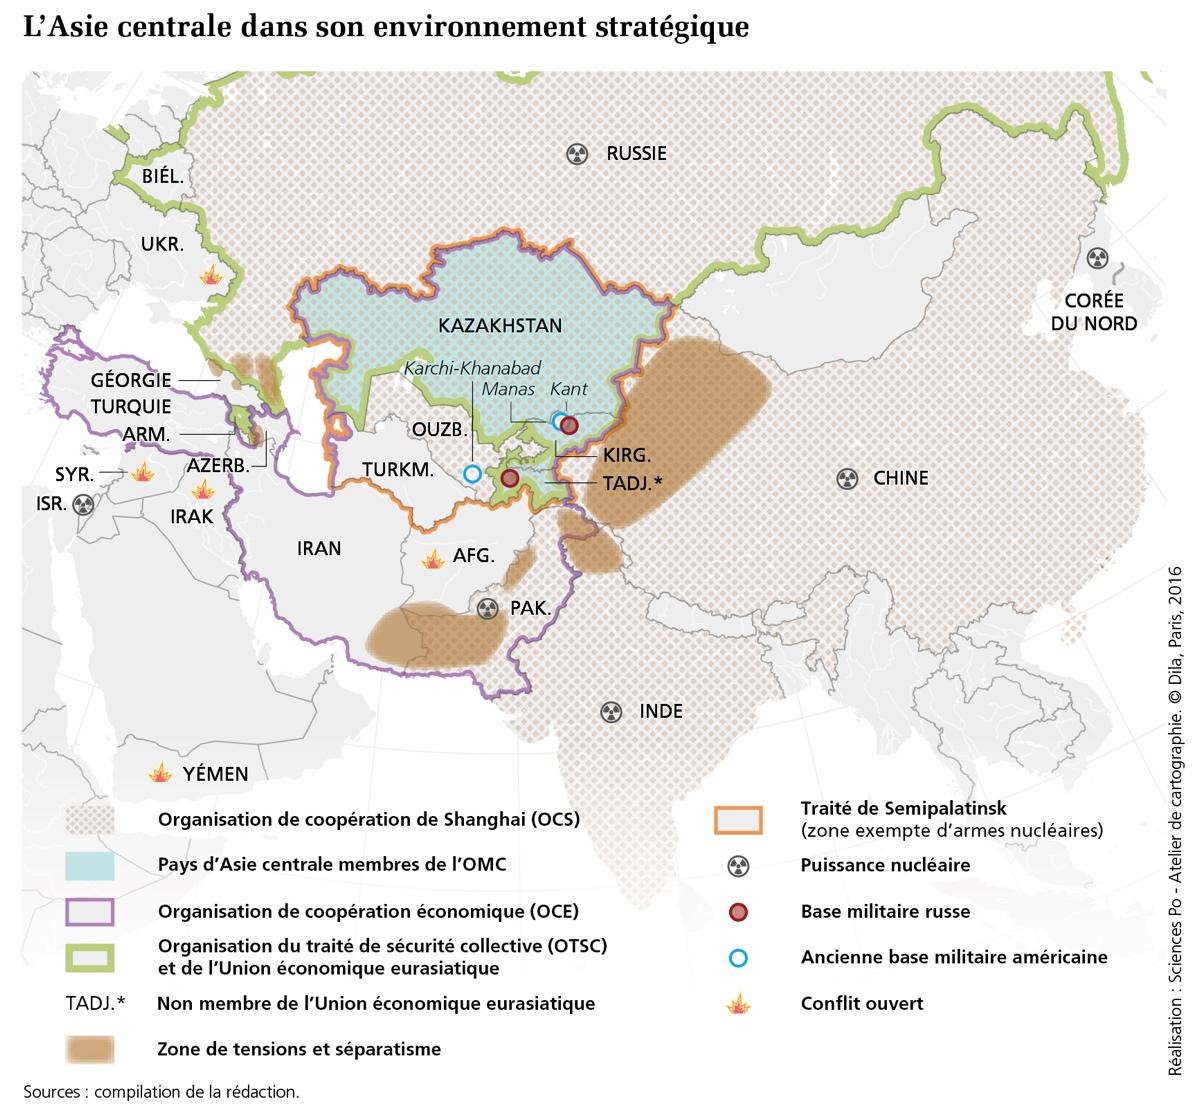 La Carte De Lasie Centrale.Carte De L Asie Centrale Dans Son Environnement Strategique